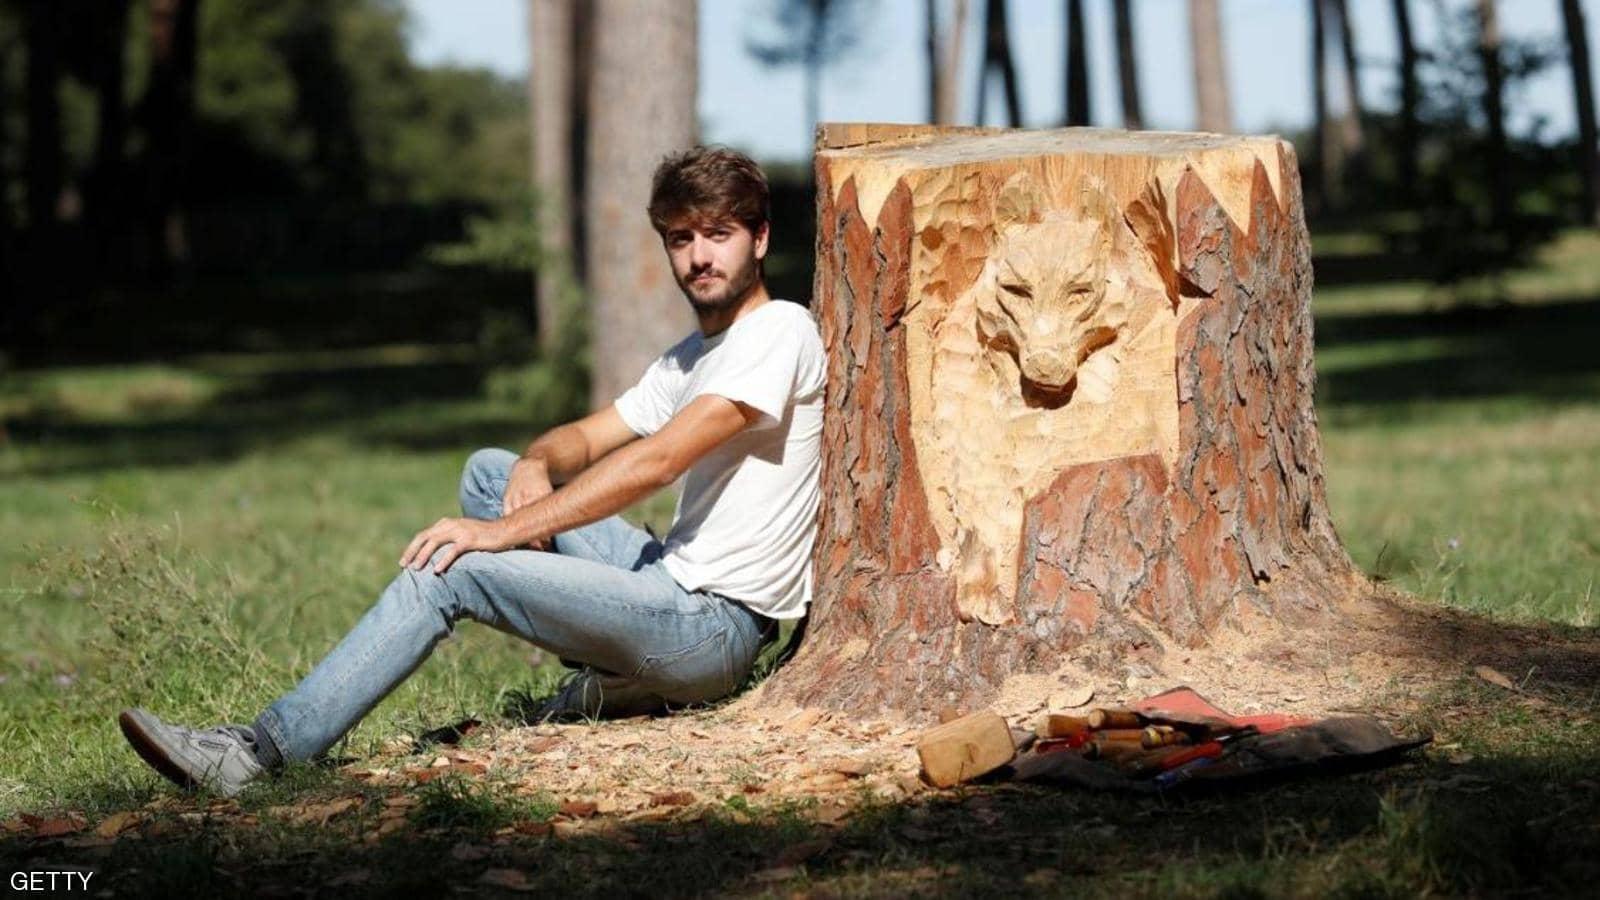 النحات الايطالي أندريا غانديني يحول جذوع الأشجار الميتة إلى قطع فنية